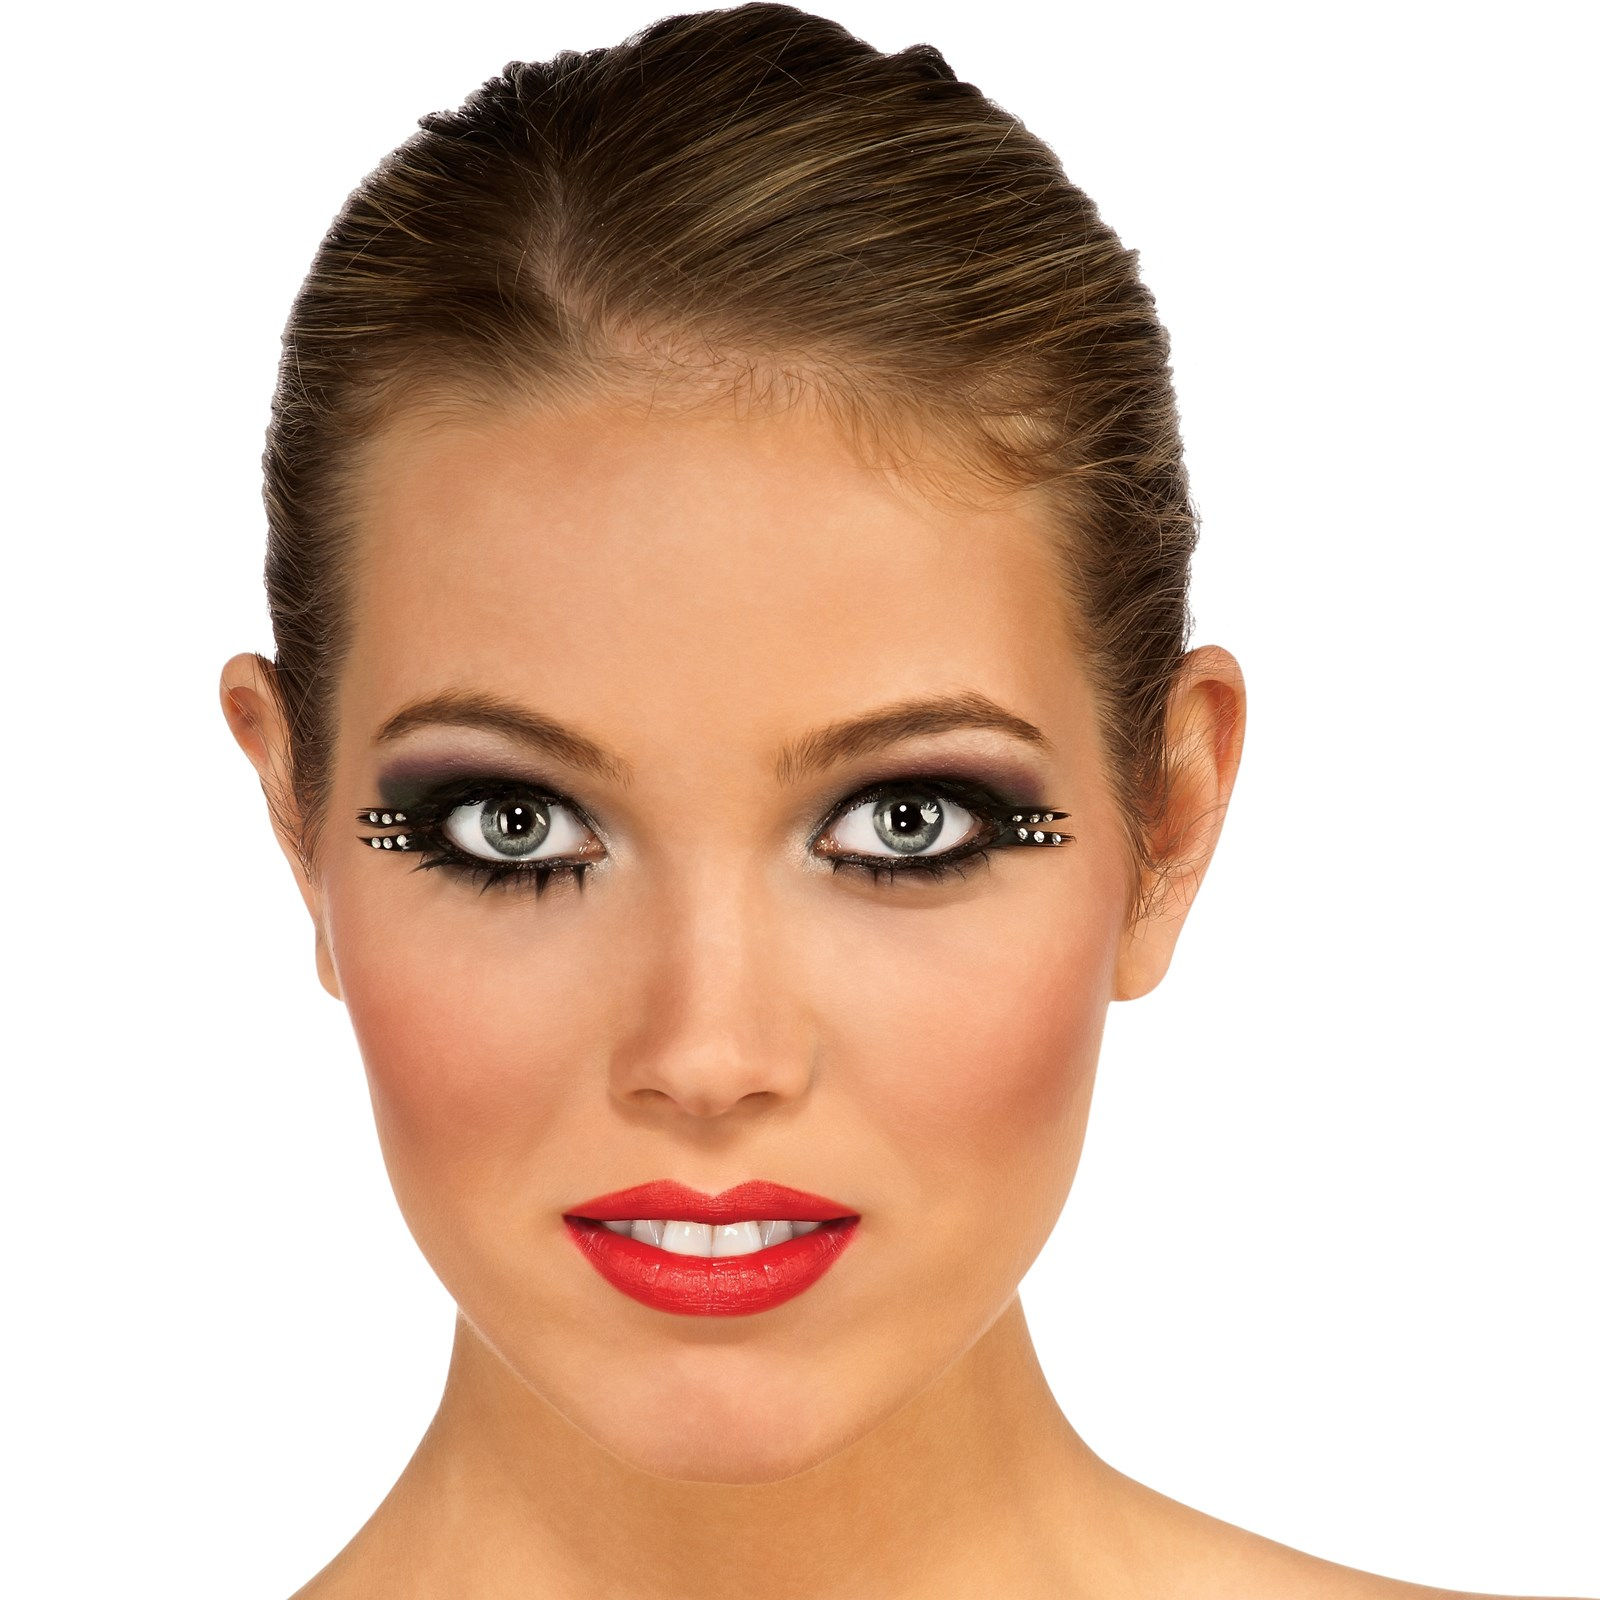 Image of Cleopatra Eyelashes